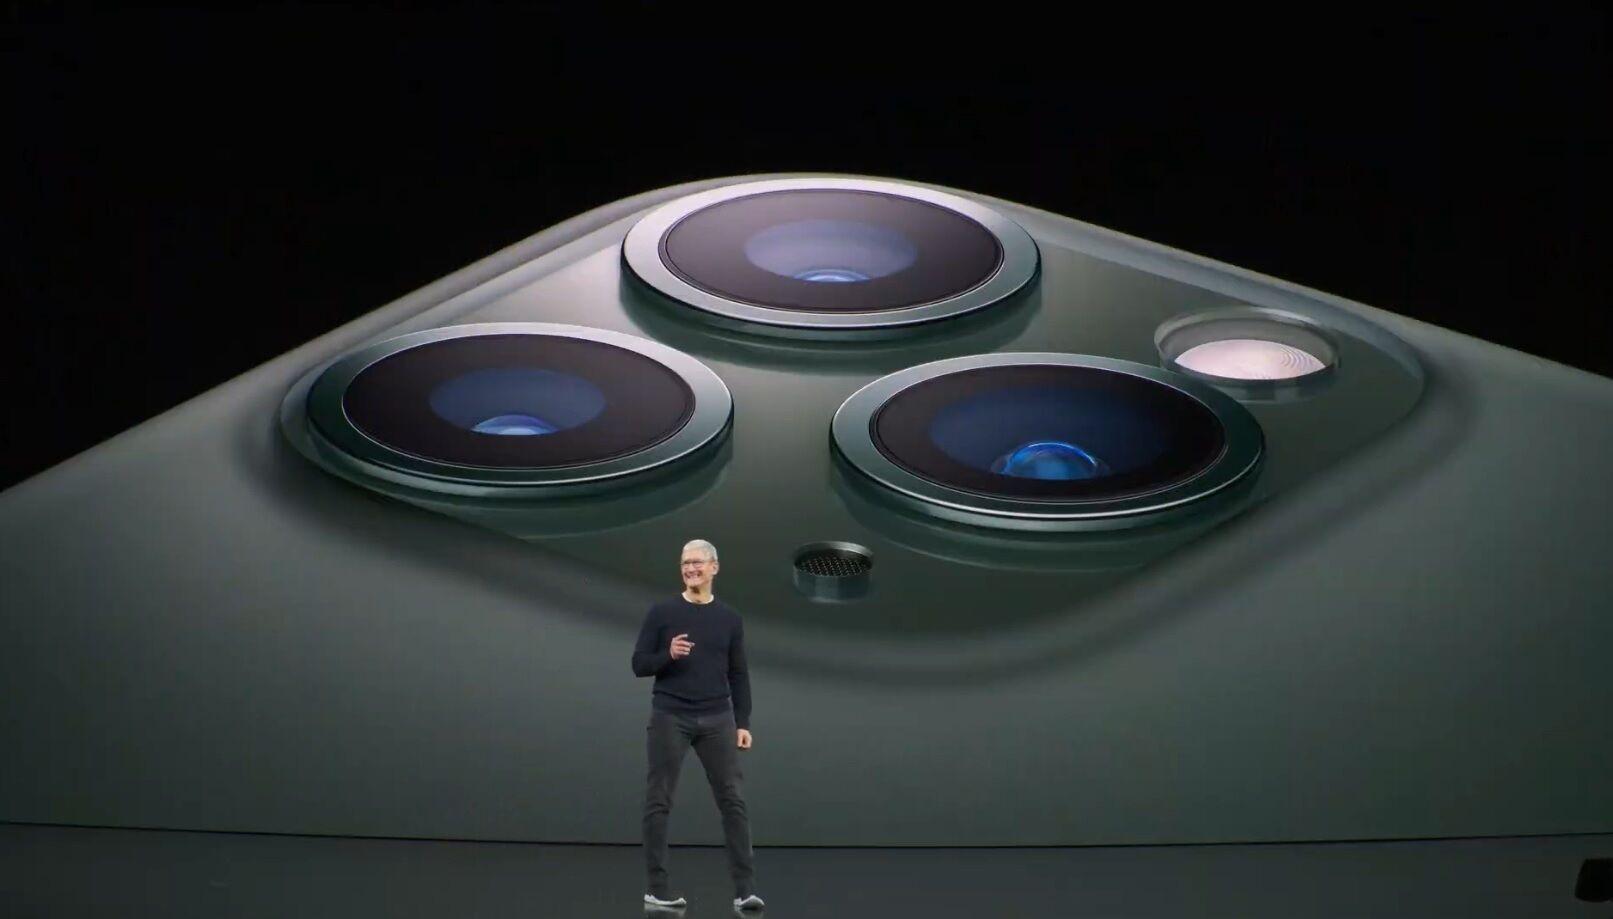 Apple presenta el nuevo iPhone 11 Pro, con una tercera cámara gran angular